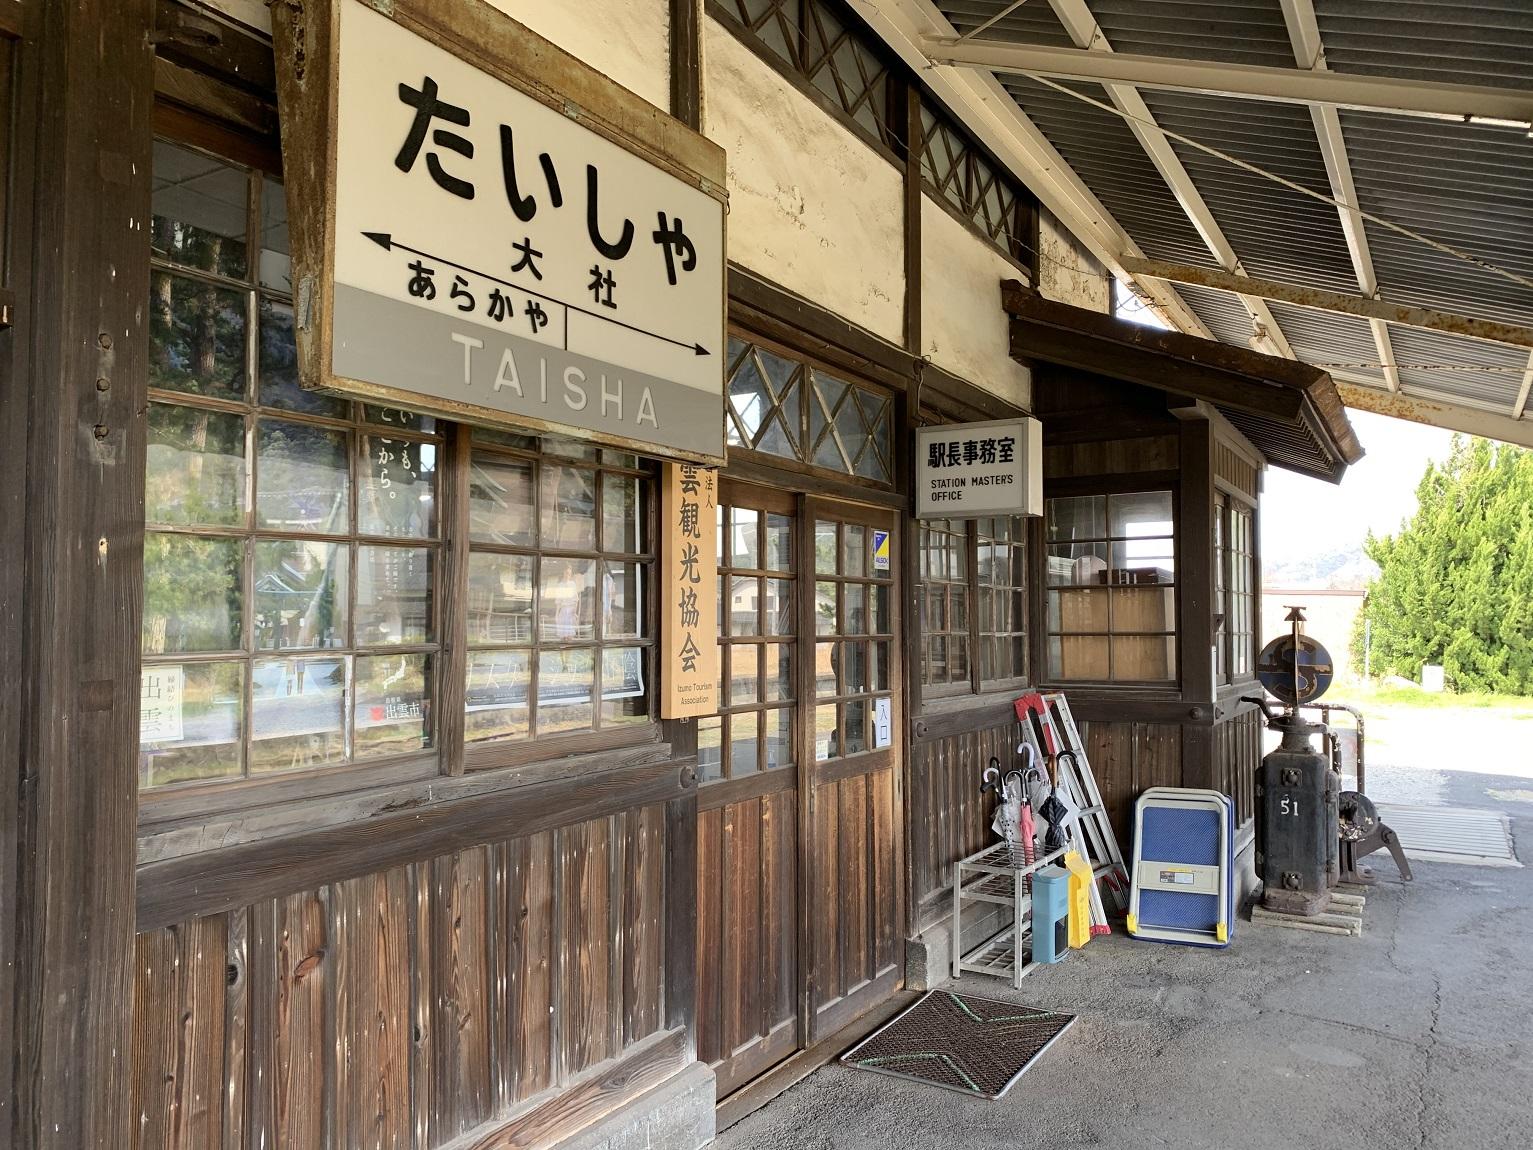 大社駅ホーム駅名標と駅長室